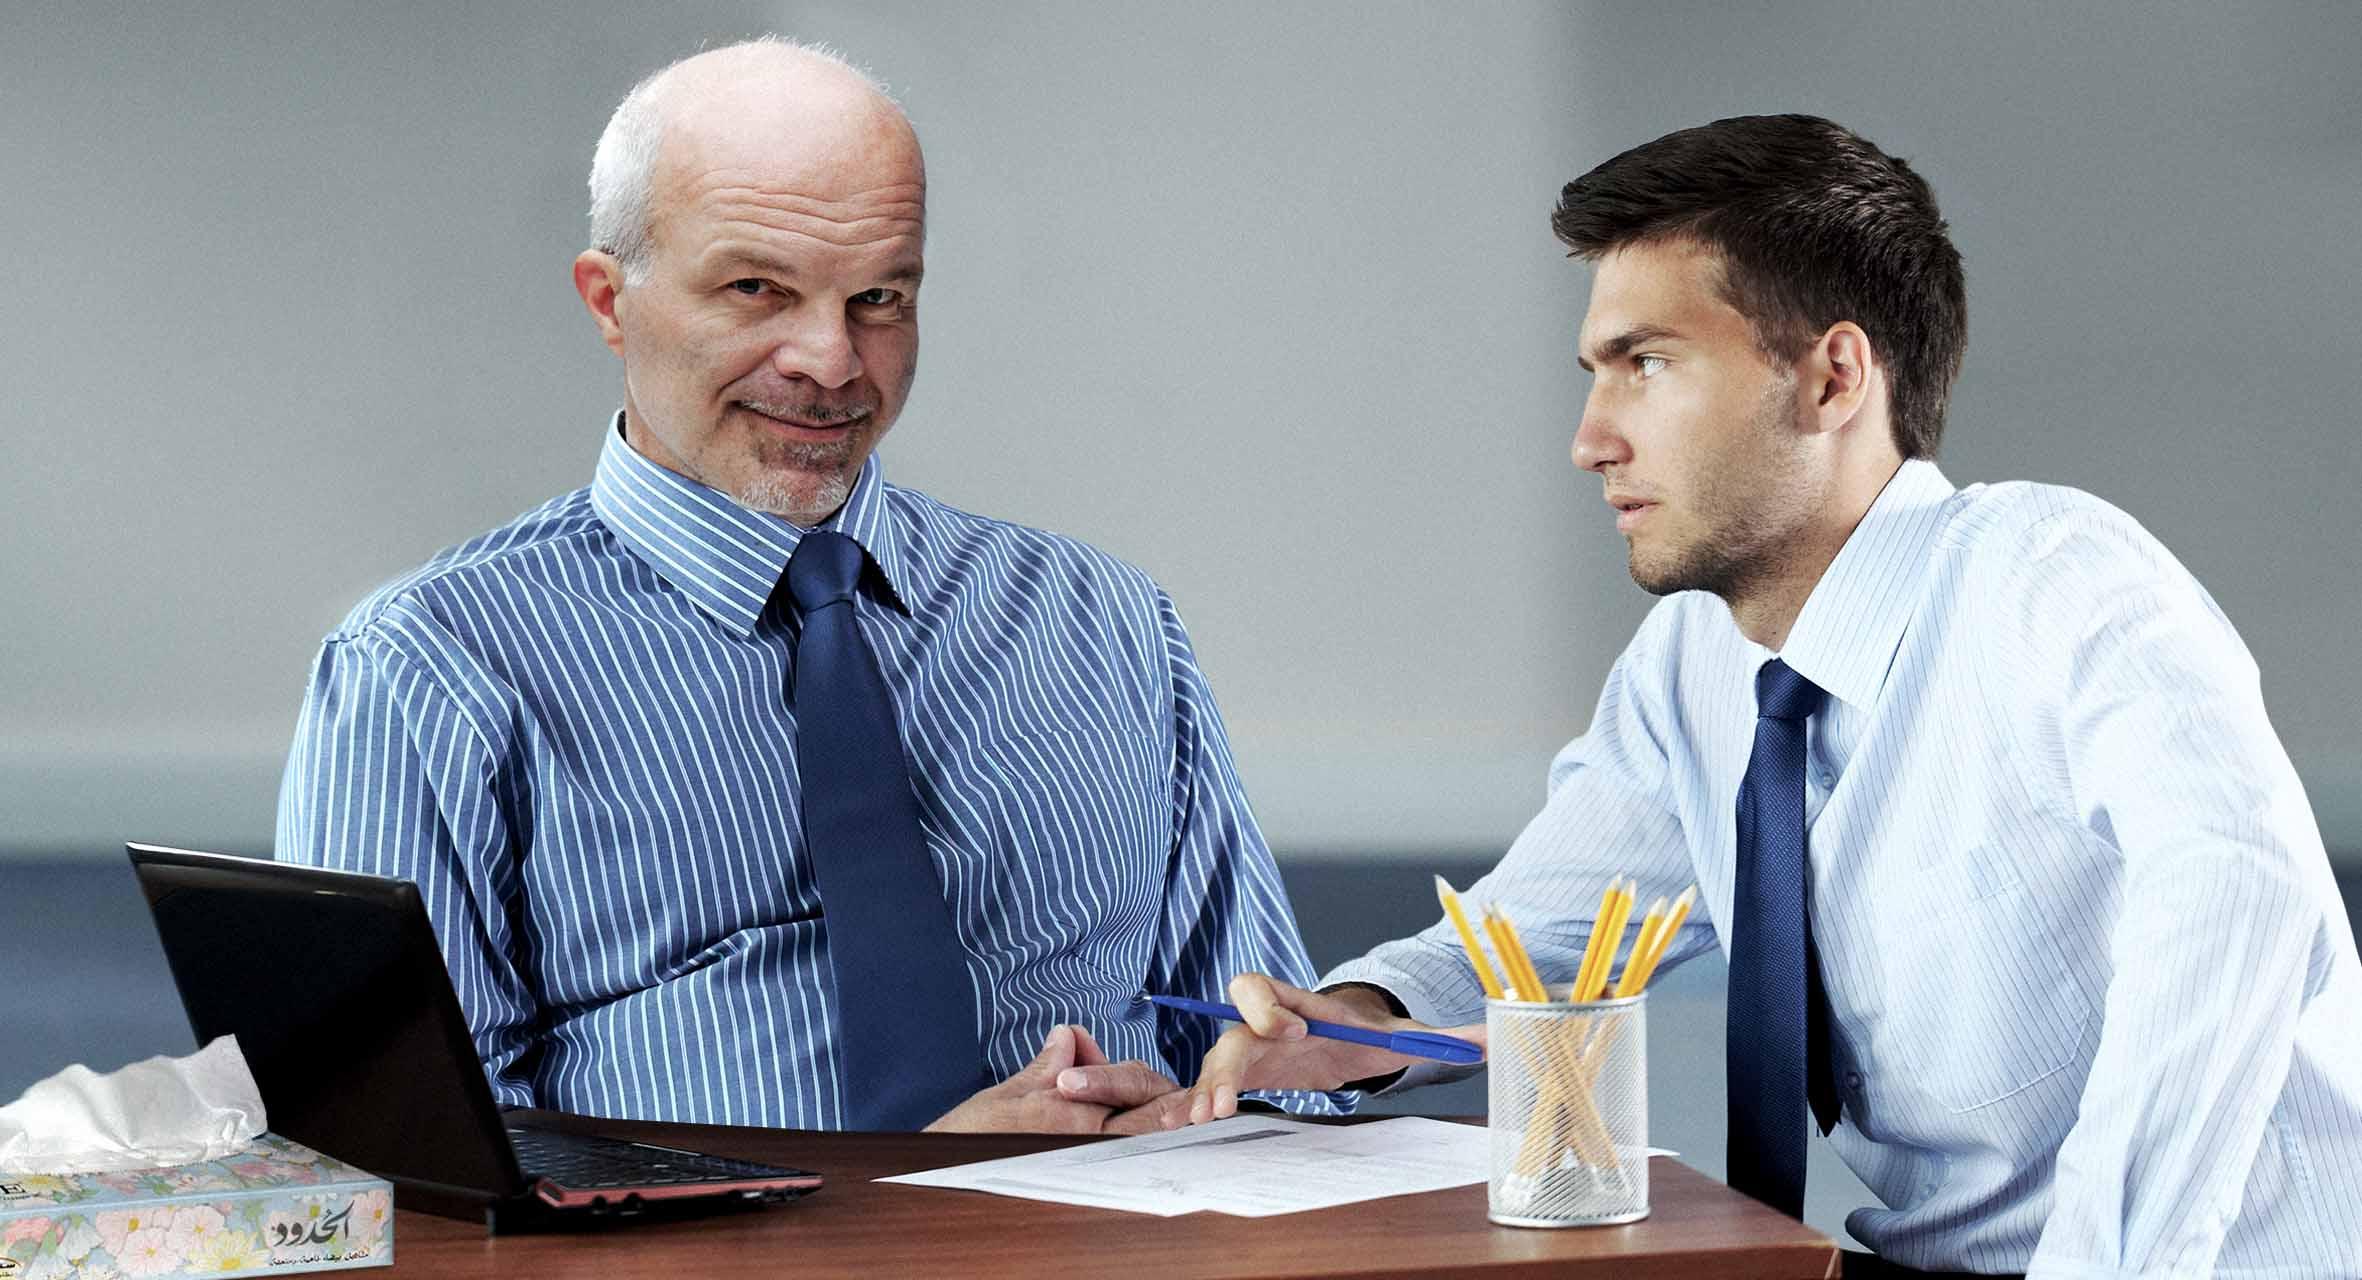 صورة َقصة نجاح: هكذا أصطاد الموظف قبل دقائق من نهاية الدوام وأسلِّمه مهامَّ تحتاج أربع ساعات لإنجازها